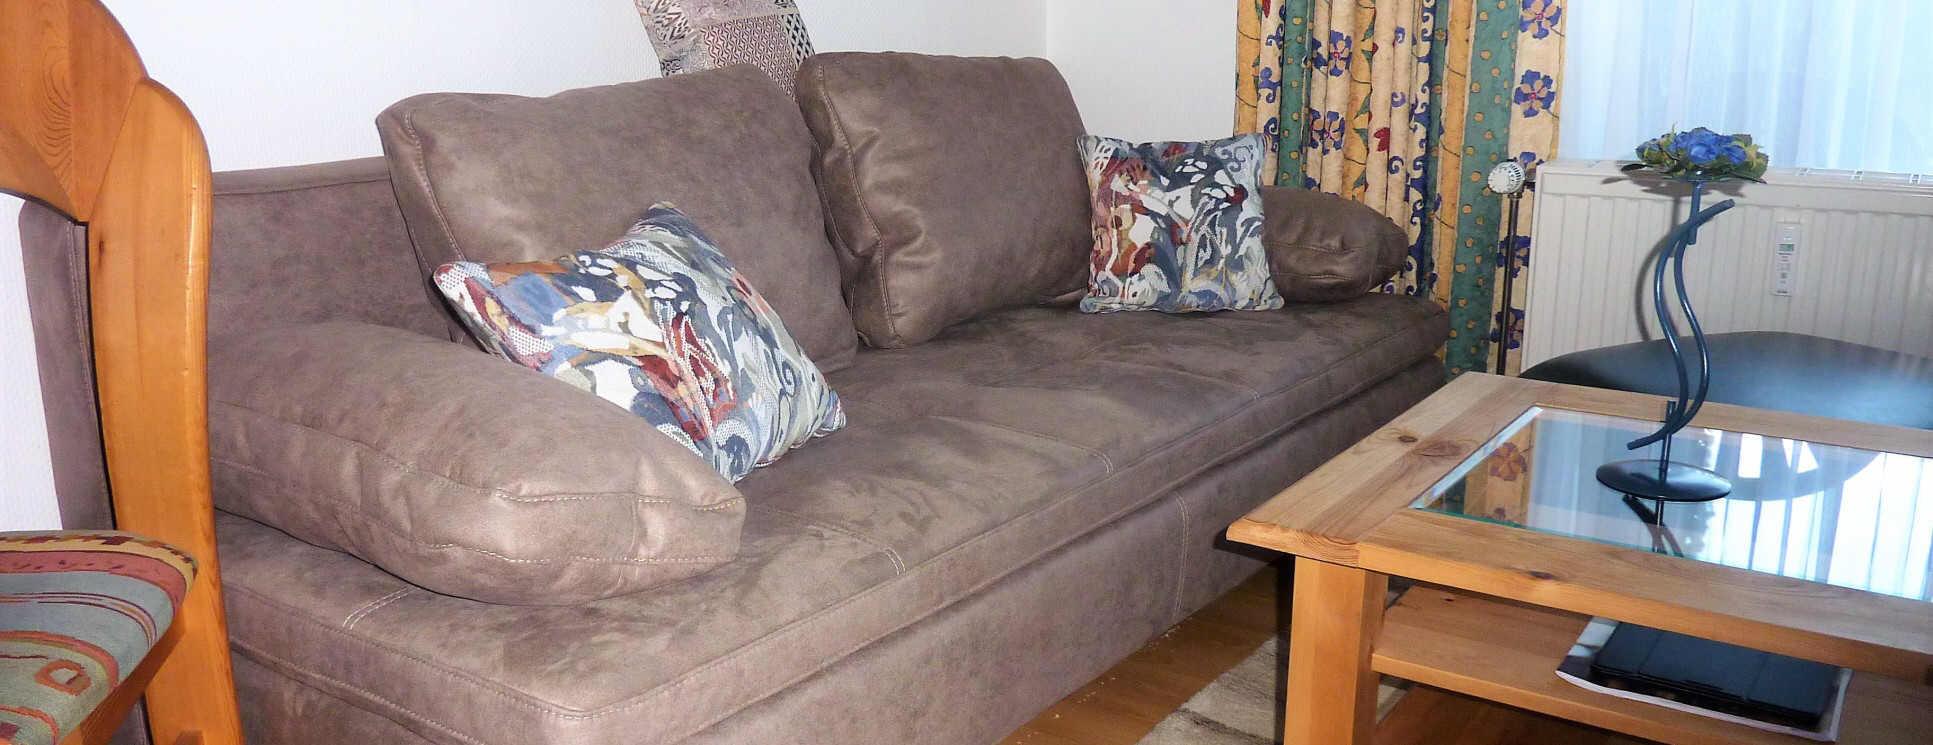 neues Sofa in Borkum5, beliebt bei Gästen